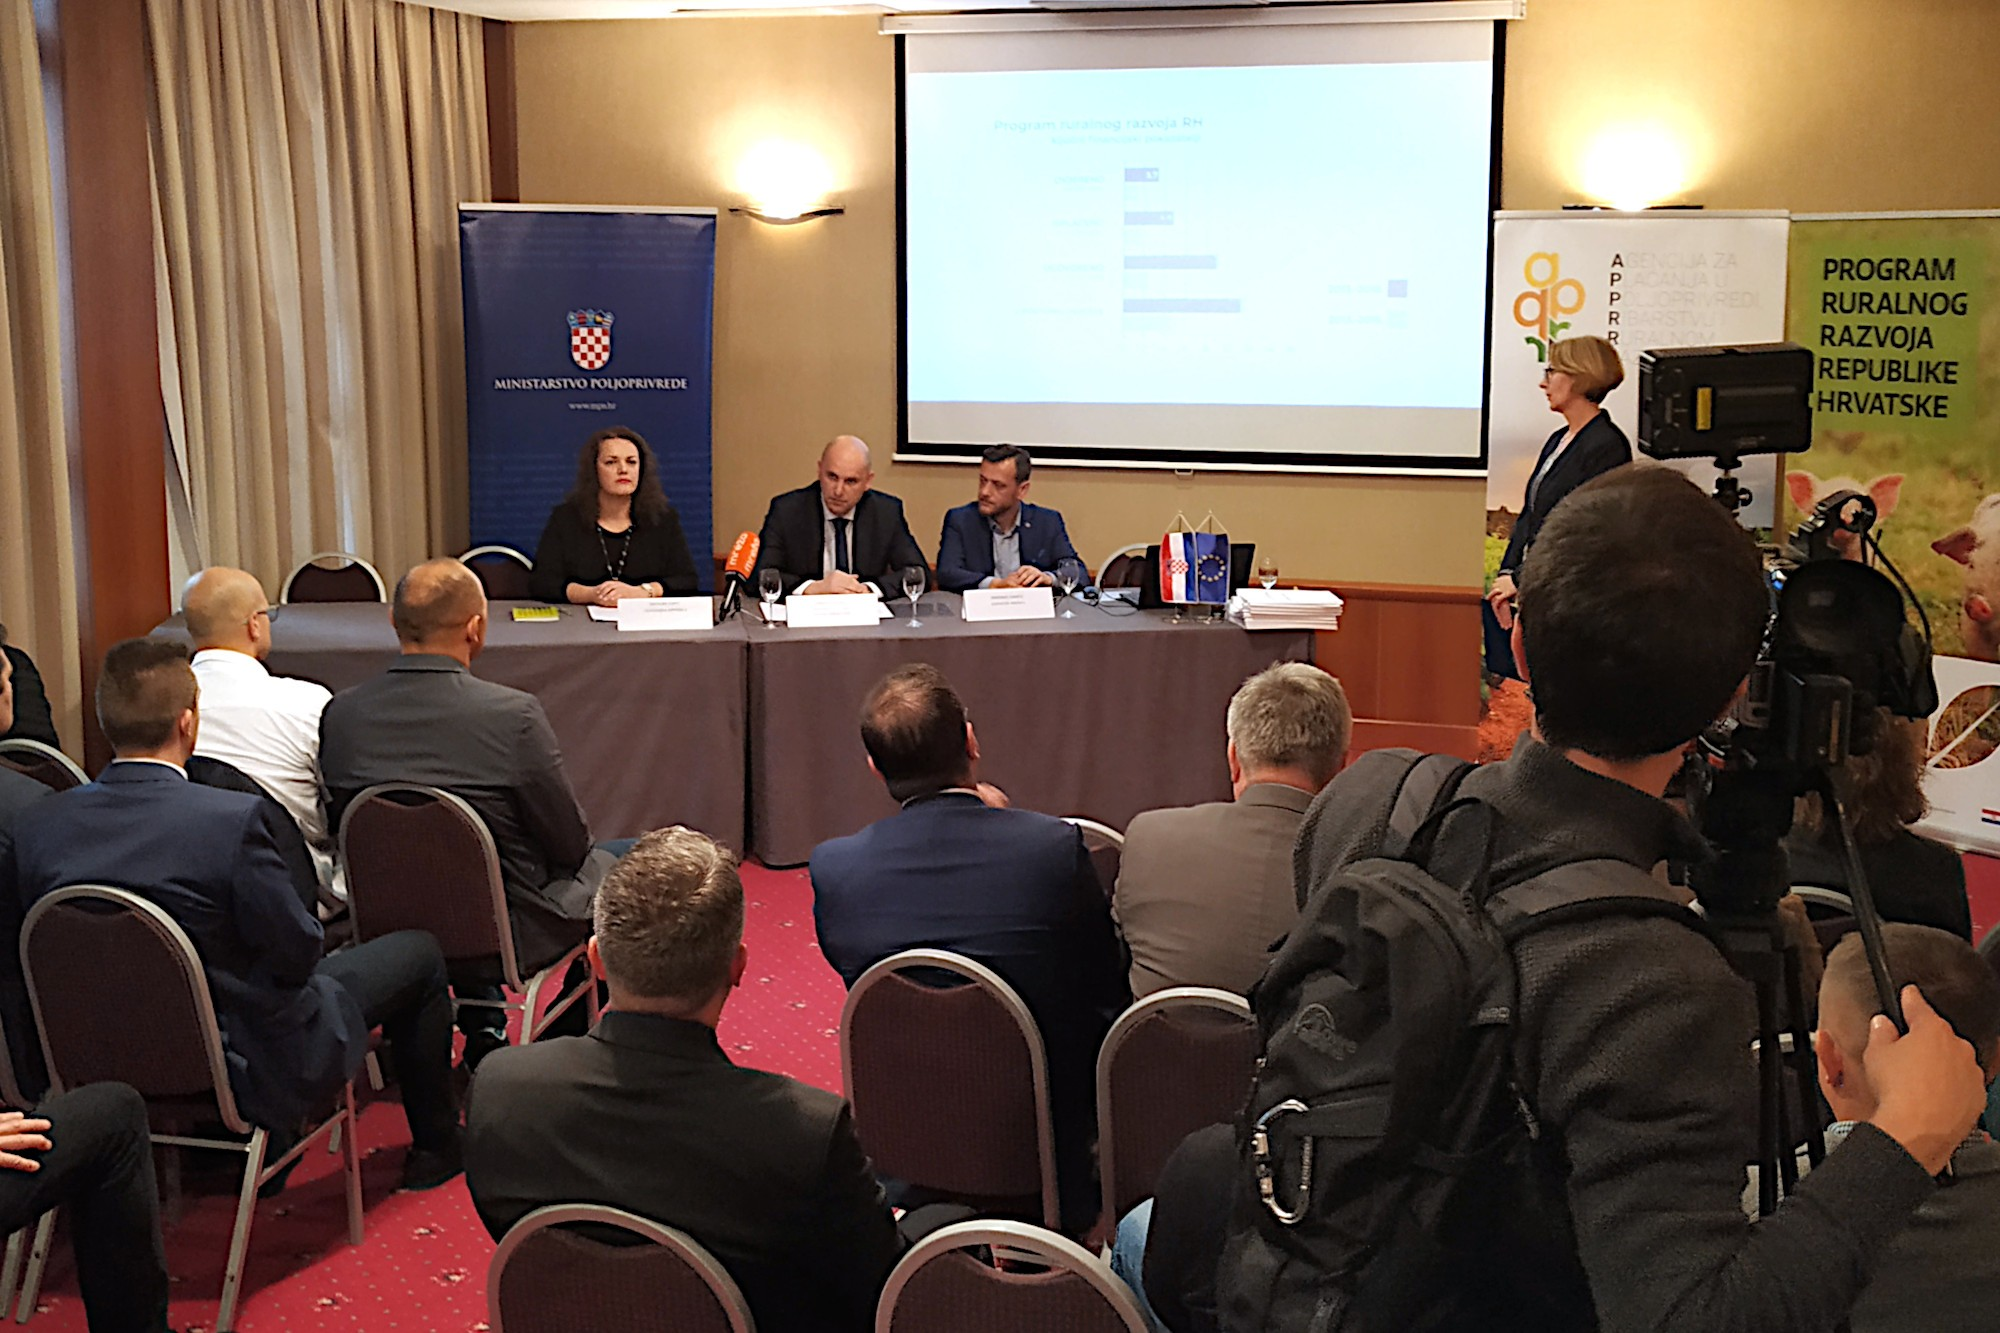 Iz Programa ruralnog razvoja 112 milijuna kuna hrvatskim poljoprivrednicima, prošla i tri projekata s područja Virovitičko-podravske županije vrijedna gotovo 17 milijuna kuna